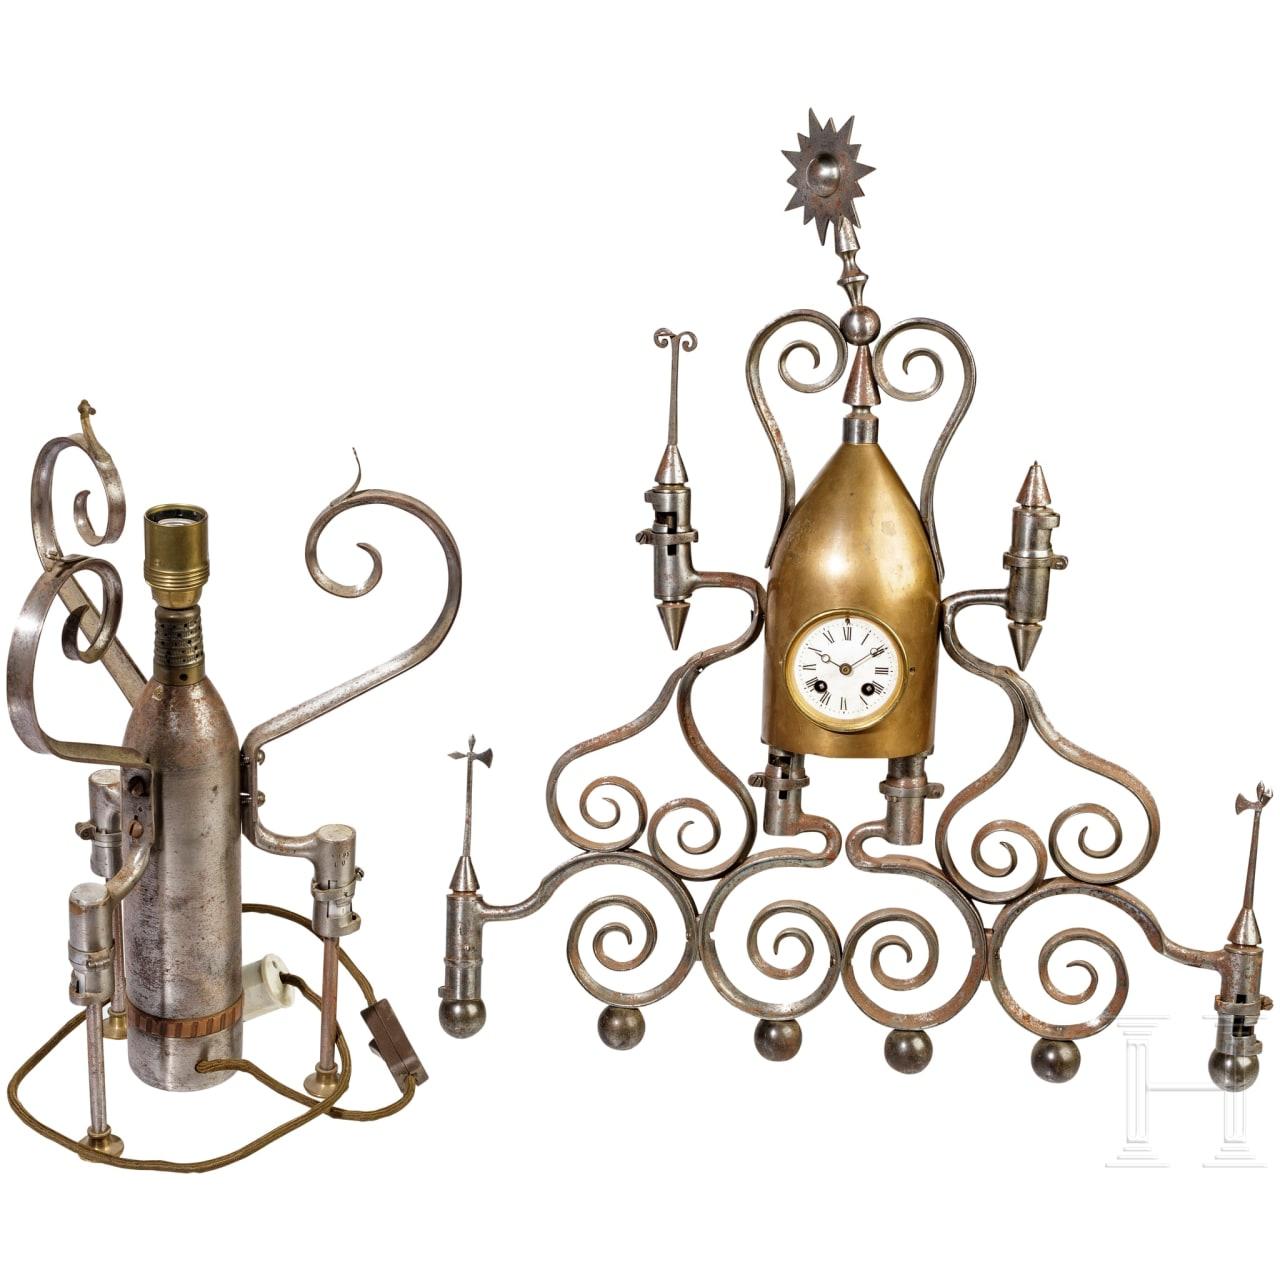 Patriotische Tischuhr und Lampe, 19. Jhdt.